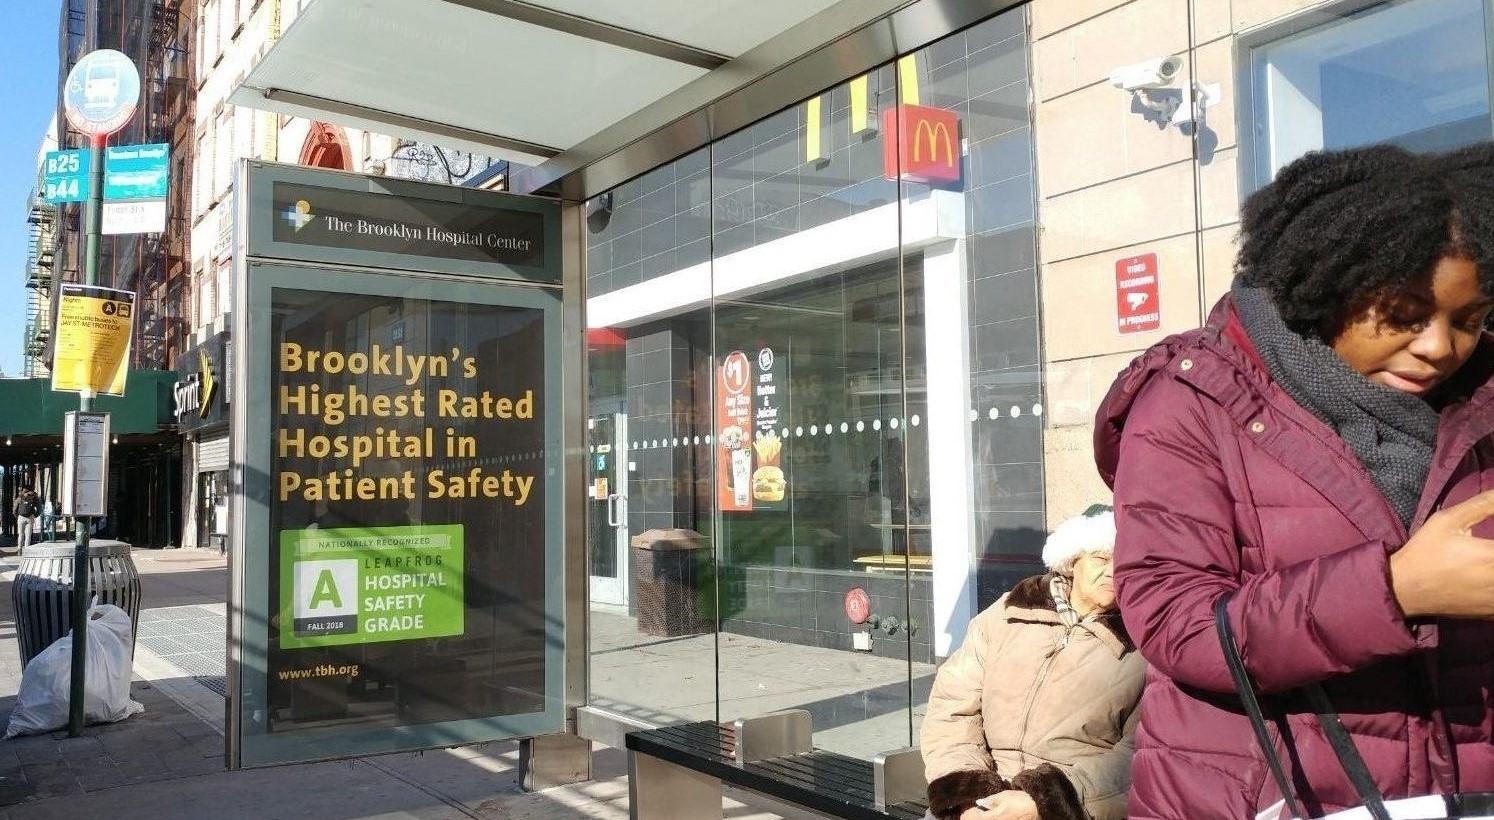 Brooklyn Hospital Bus Shelter Advertising